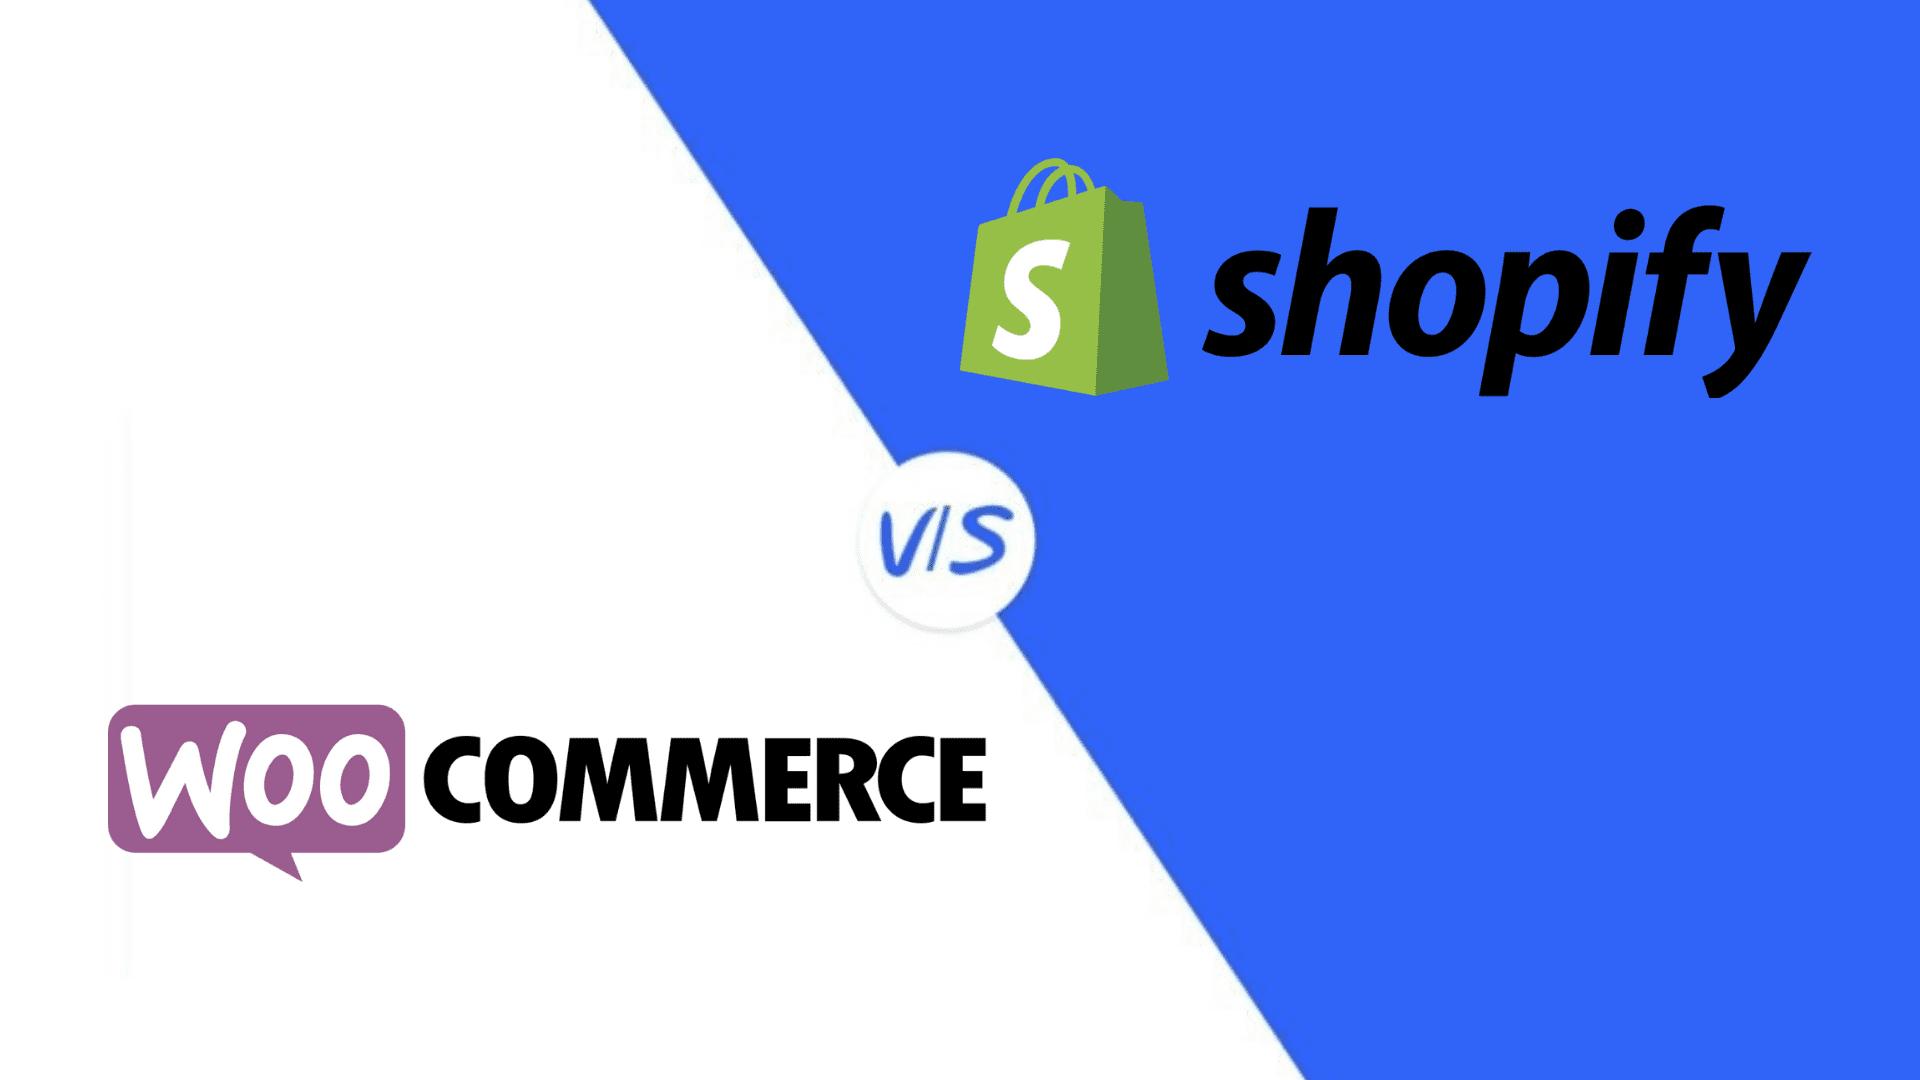 Shopify v/s WooCommerce